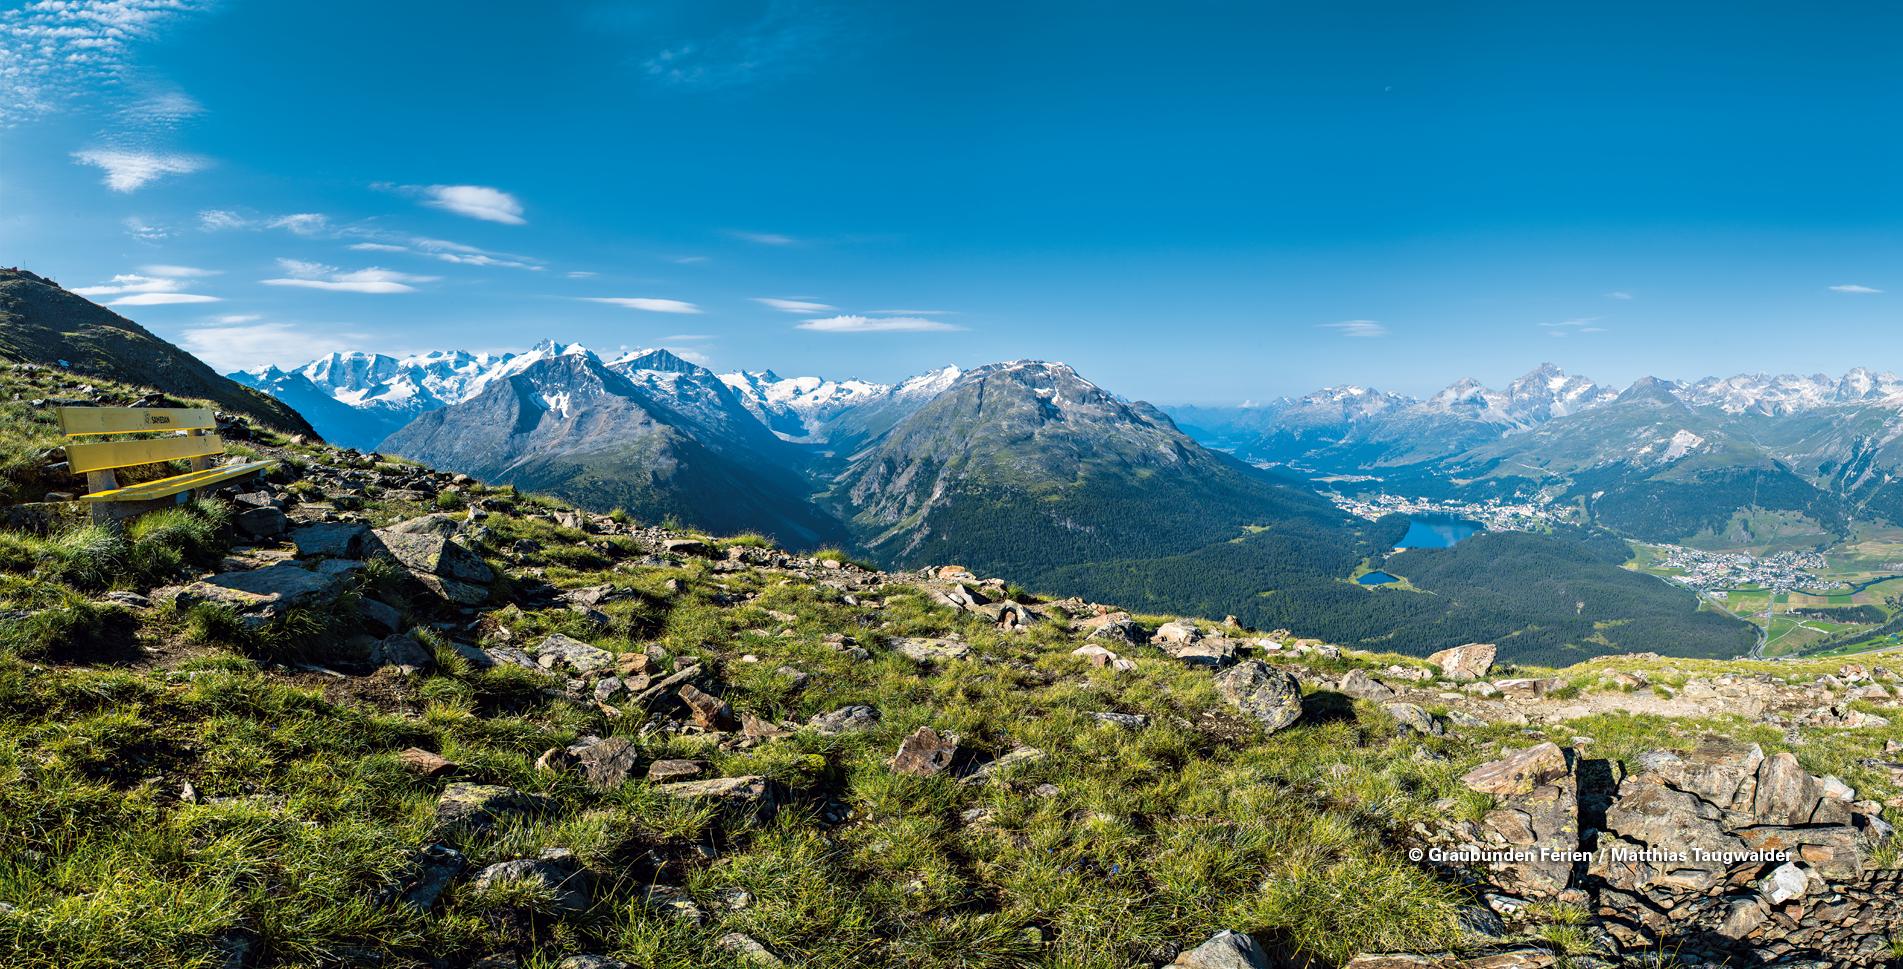 Klimaweg oberhalb Pontresina von Muottas Muragl zur Alp Languard